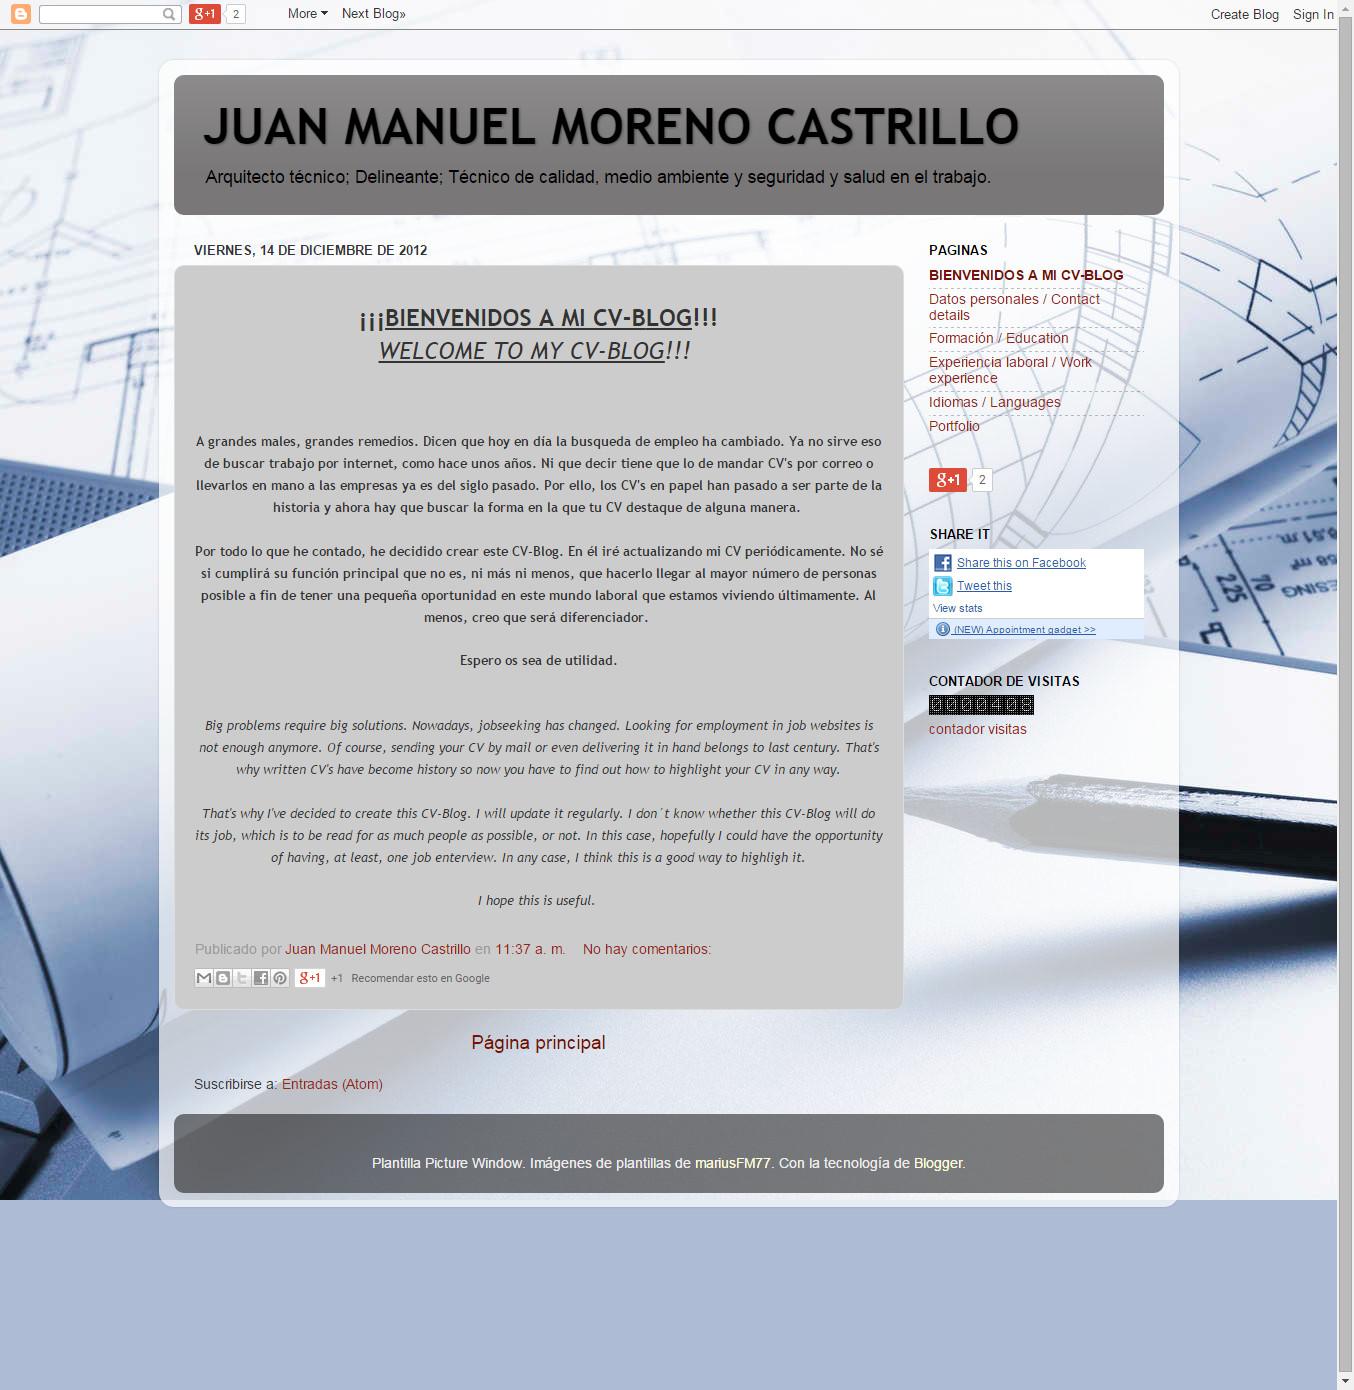 Juan M. Moreno Castrillo